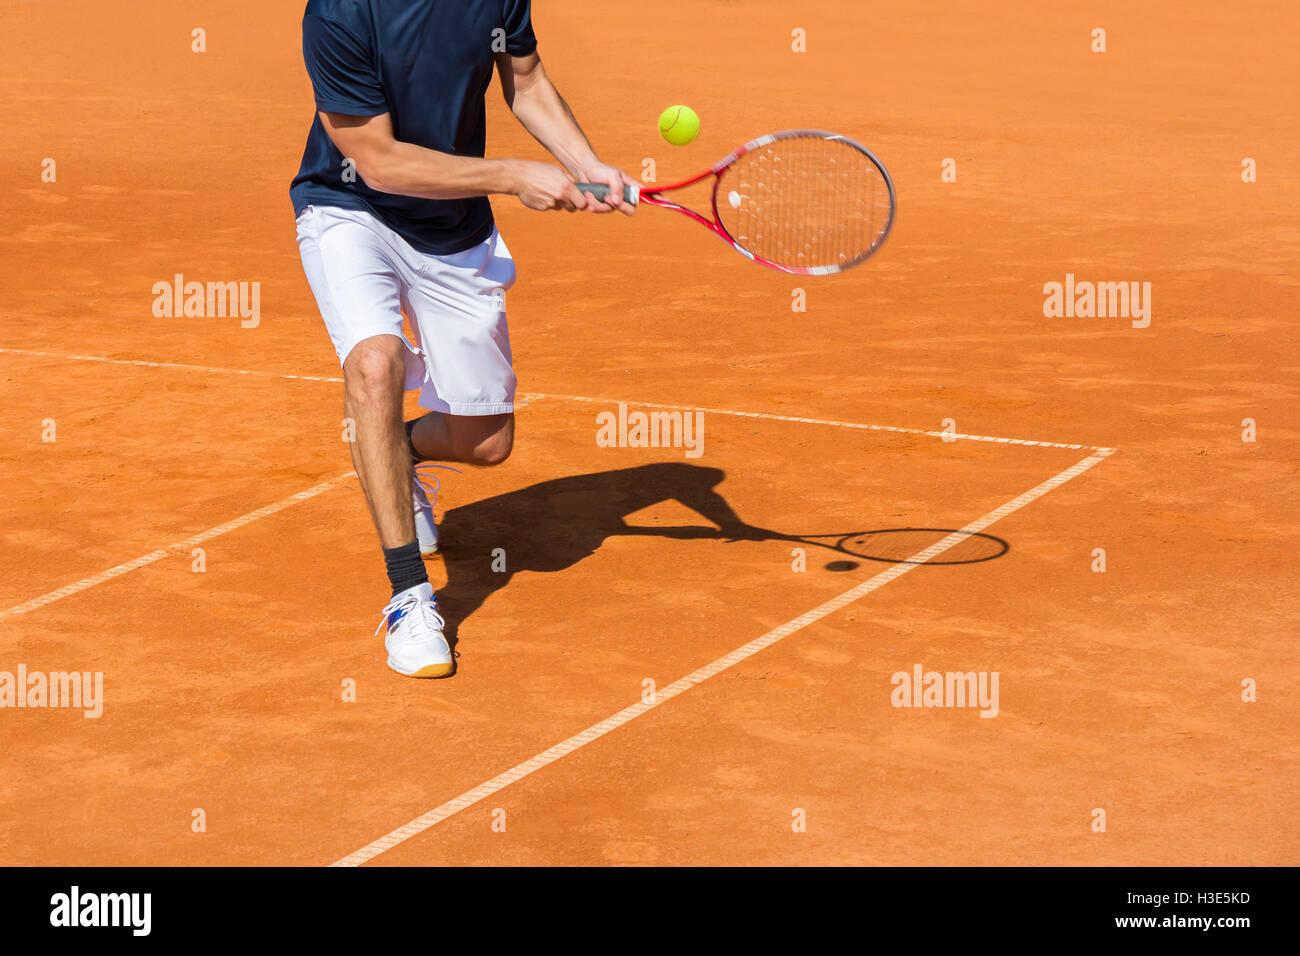 Tennisspieler in Aktion auf dem Sandplatz an einem sonnigen Tag Stockfoto